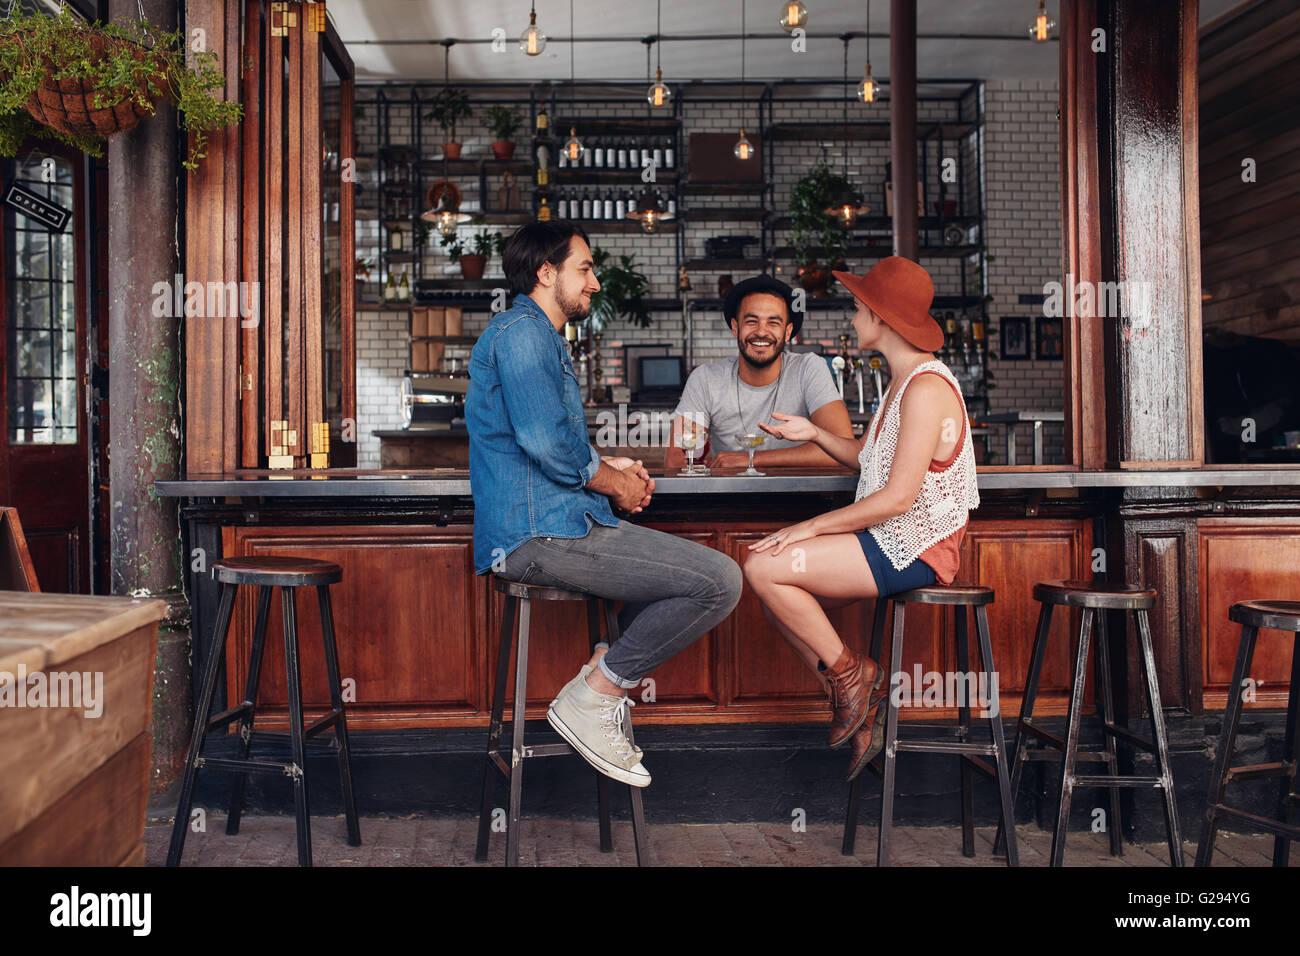 Grupo de jóvenes sentados en un café y hablar. Los jóvenes, hombres y mujeres, reunión en la Imagen De Stock